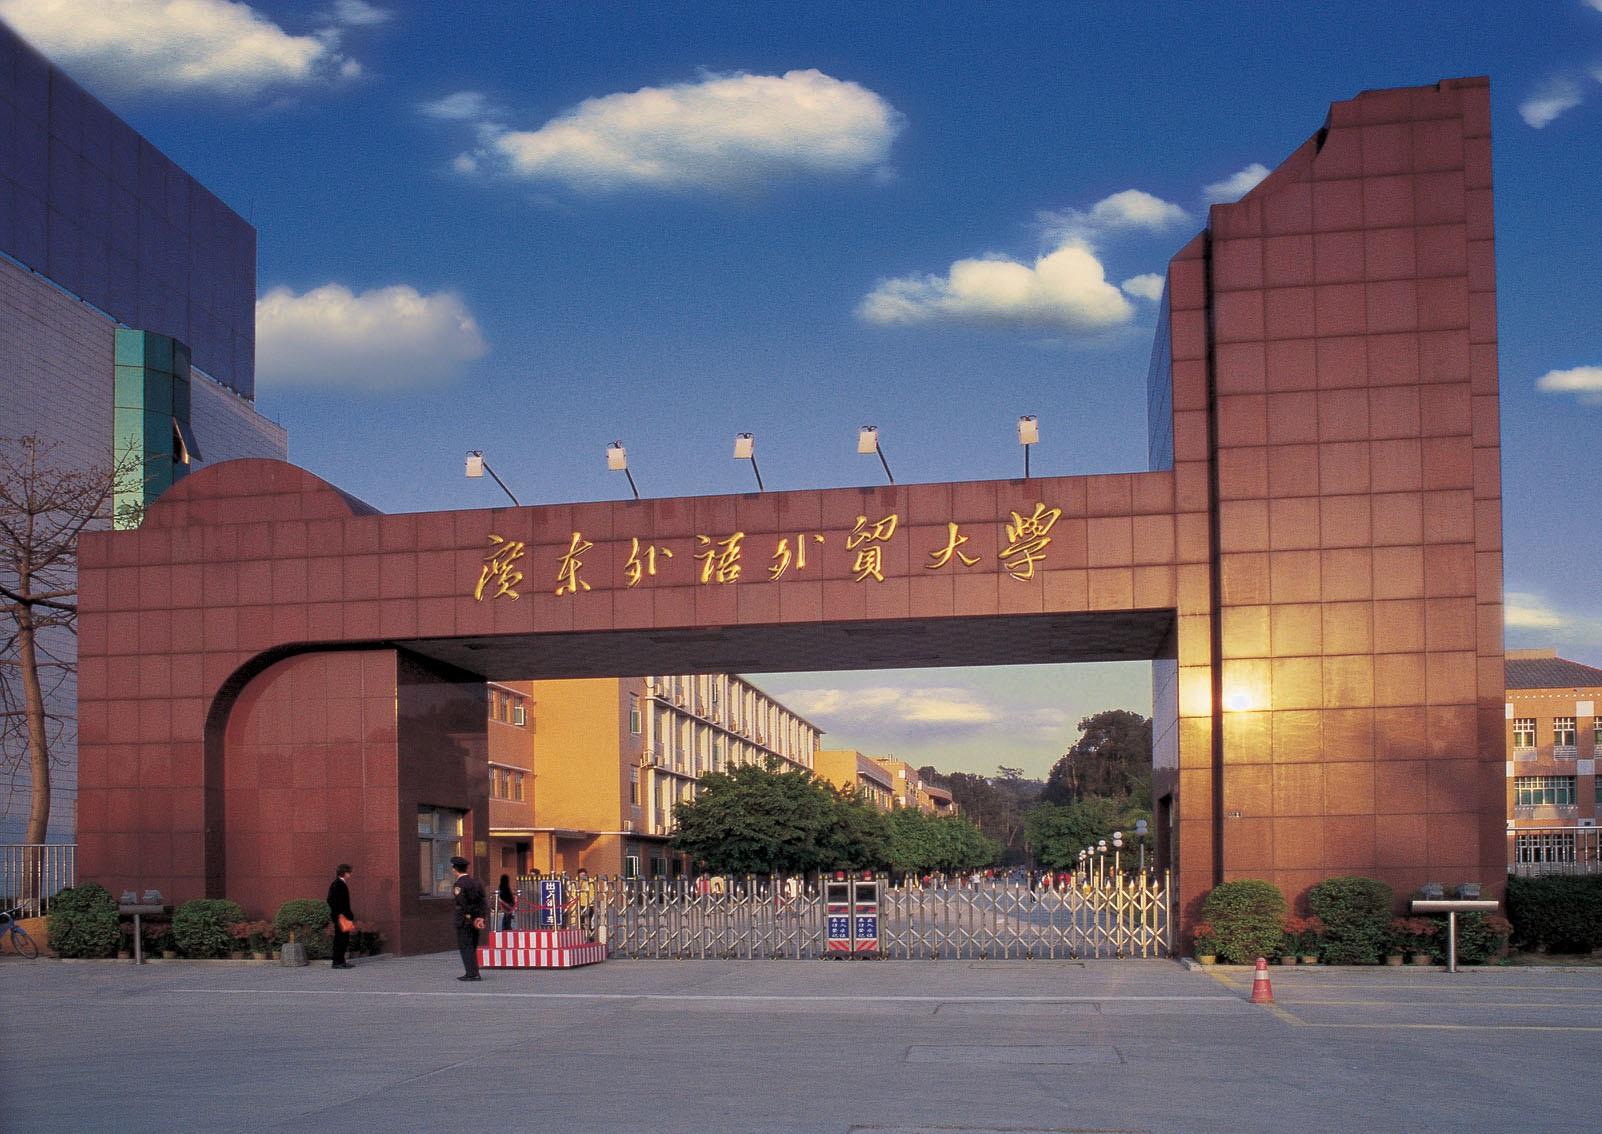 Yêu cầu đầu vào đối với các trường ở Trung Quốc tương đối đơn giản